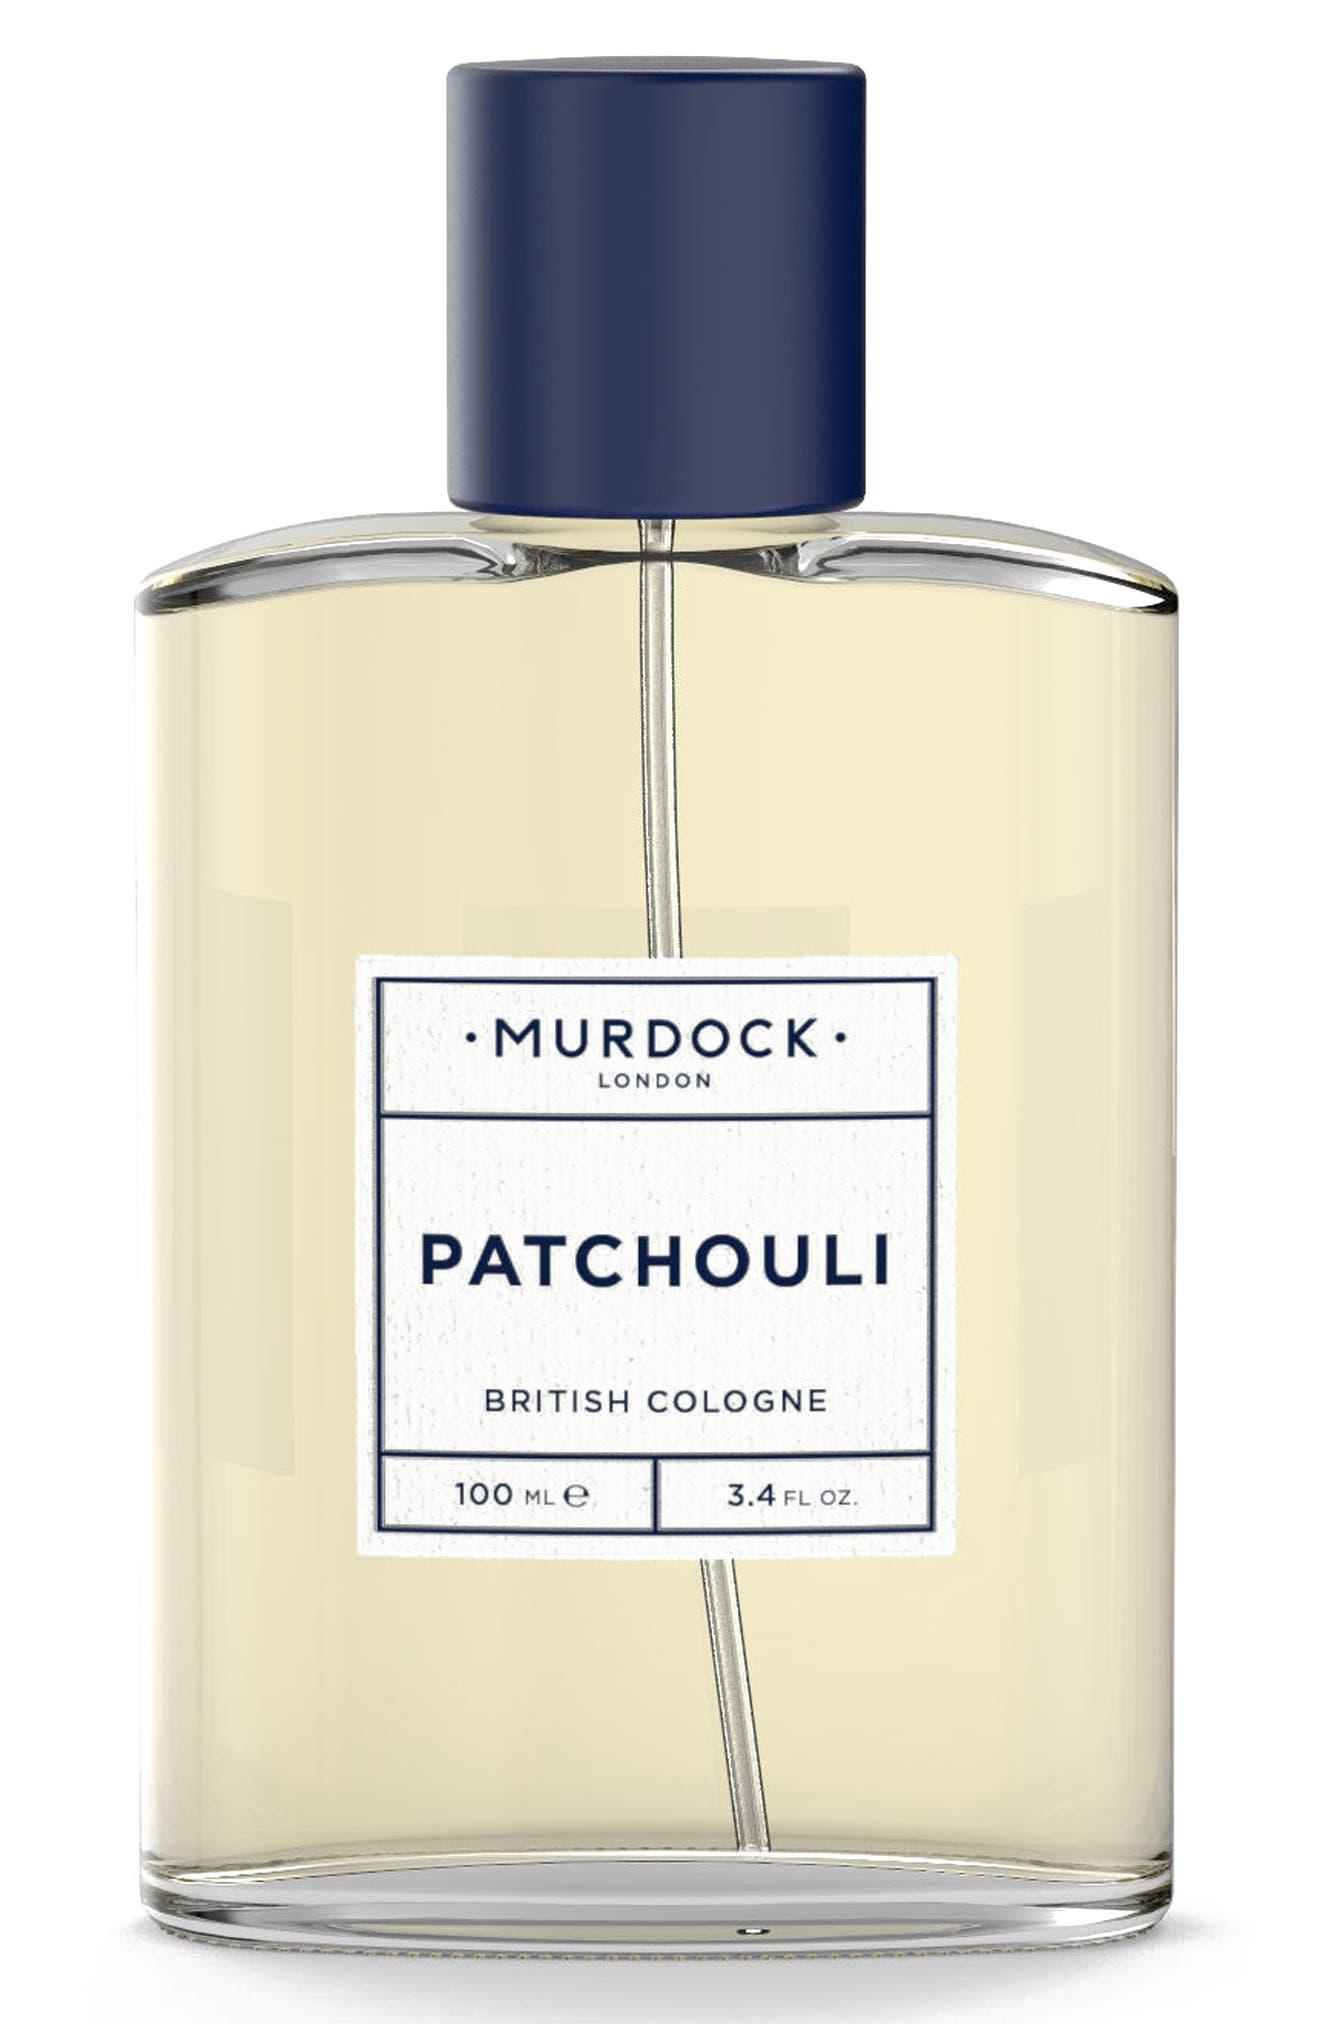 Murdock London Patchouli Cologne